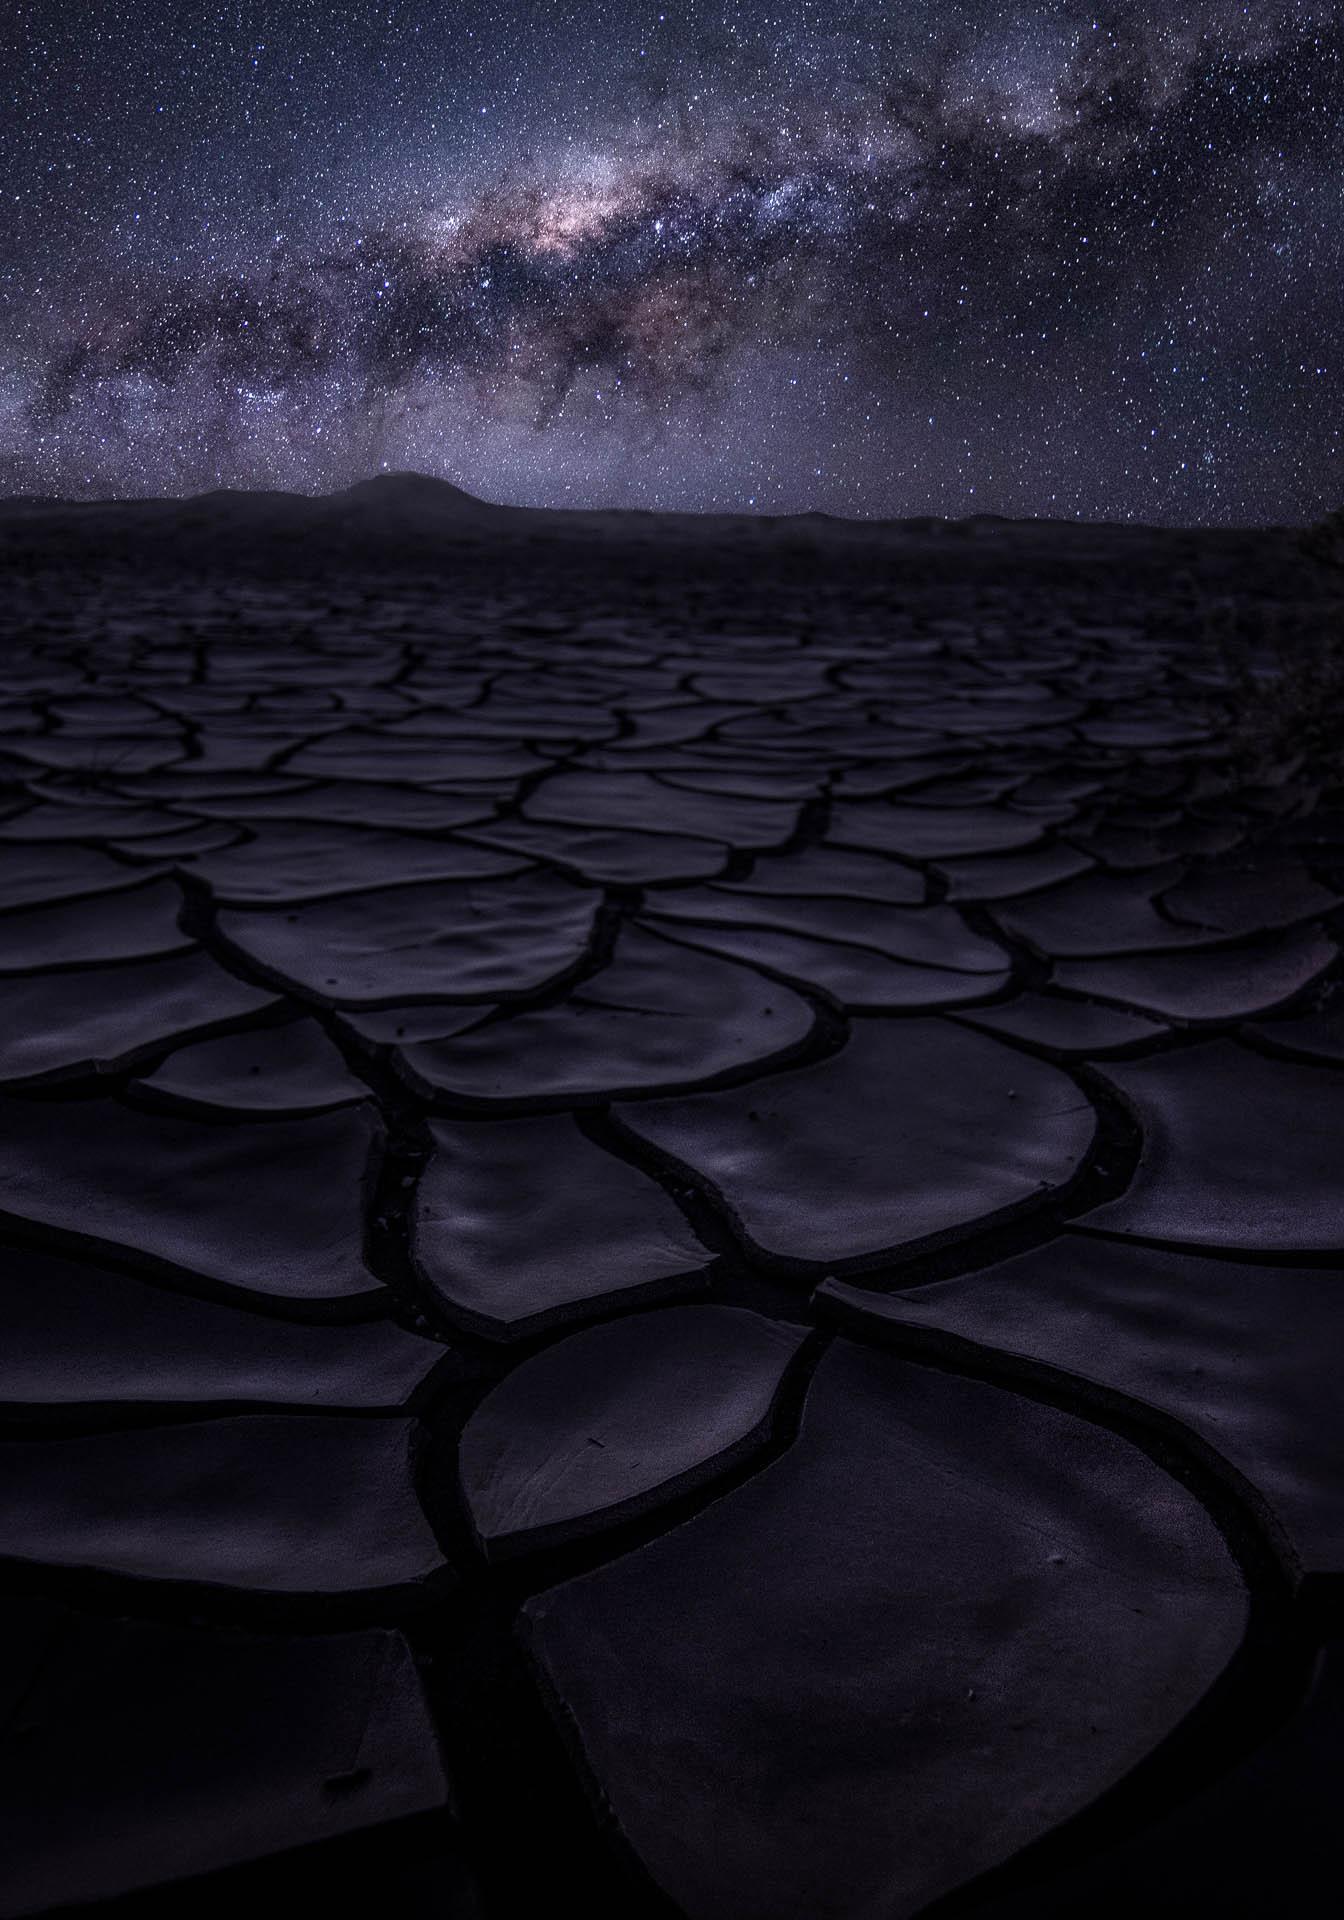 mejores imagenes y fotografias de este año de la via lactea Atacama desert